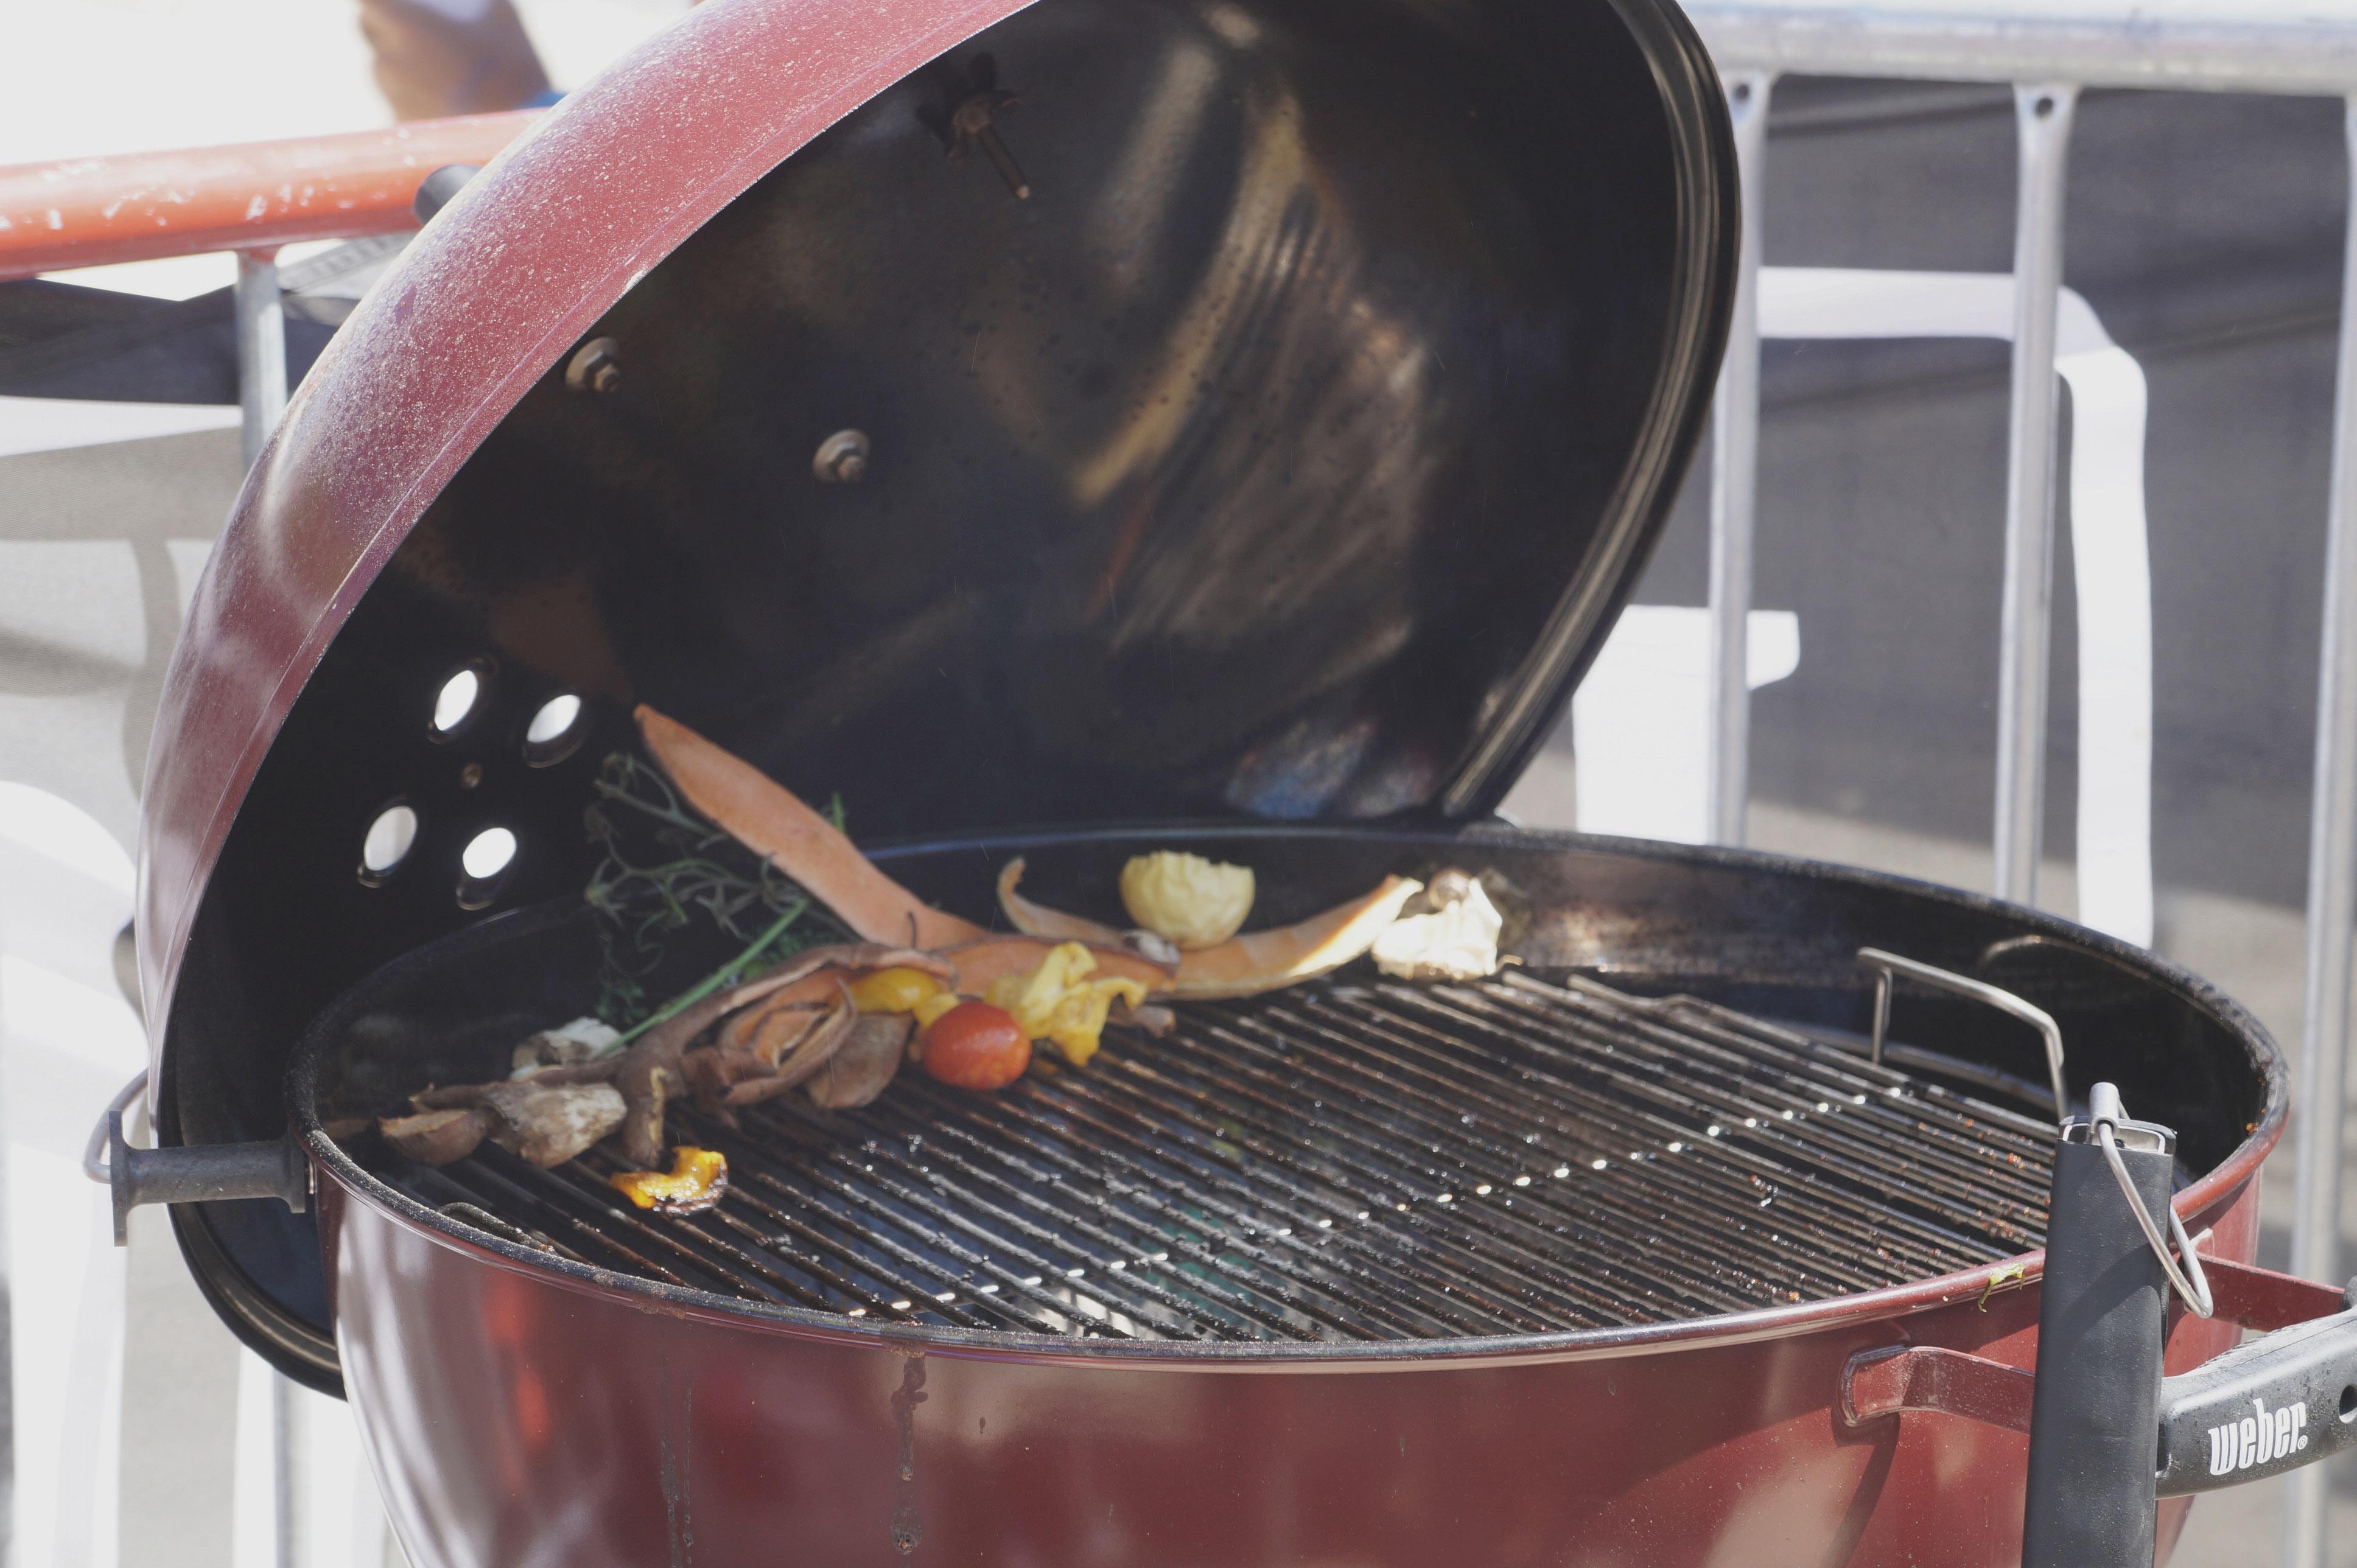 Gérald-et-Lee-Joy-mettent-toutes-sortes-d'épluchures-sur-le-grill-pour-donner-de-la-saveur-à-la-viande